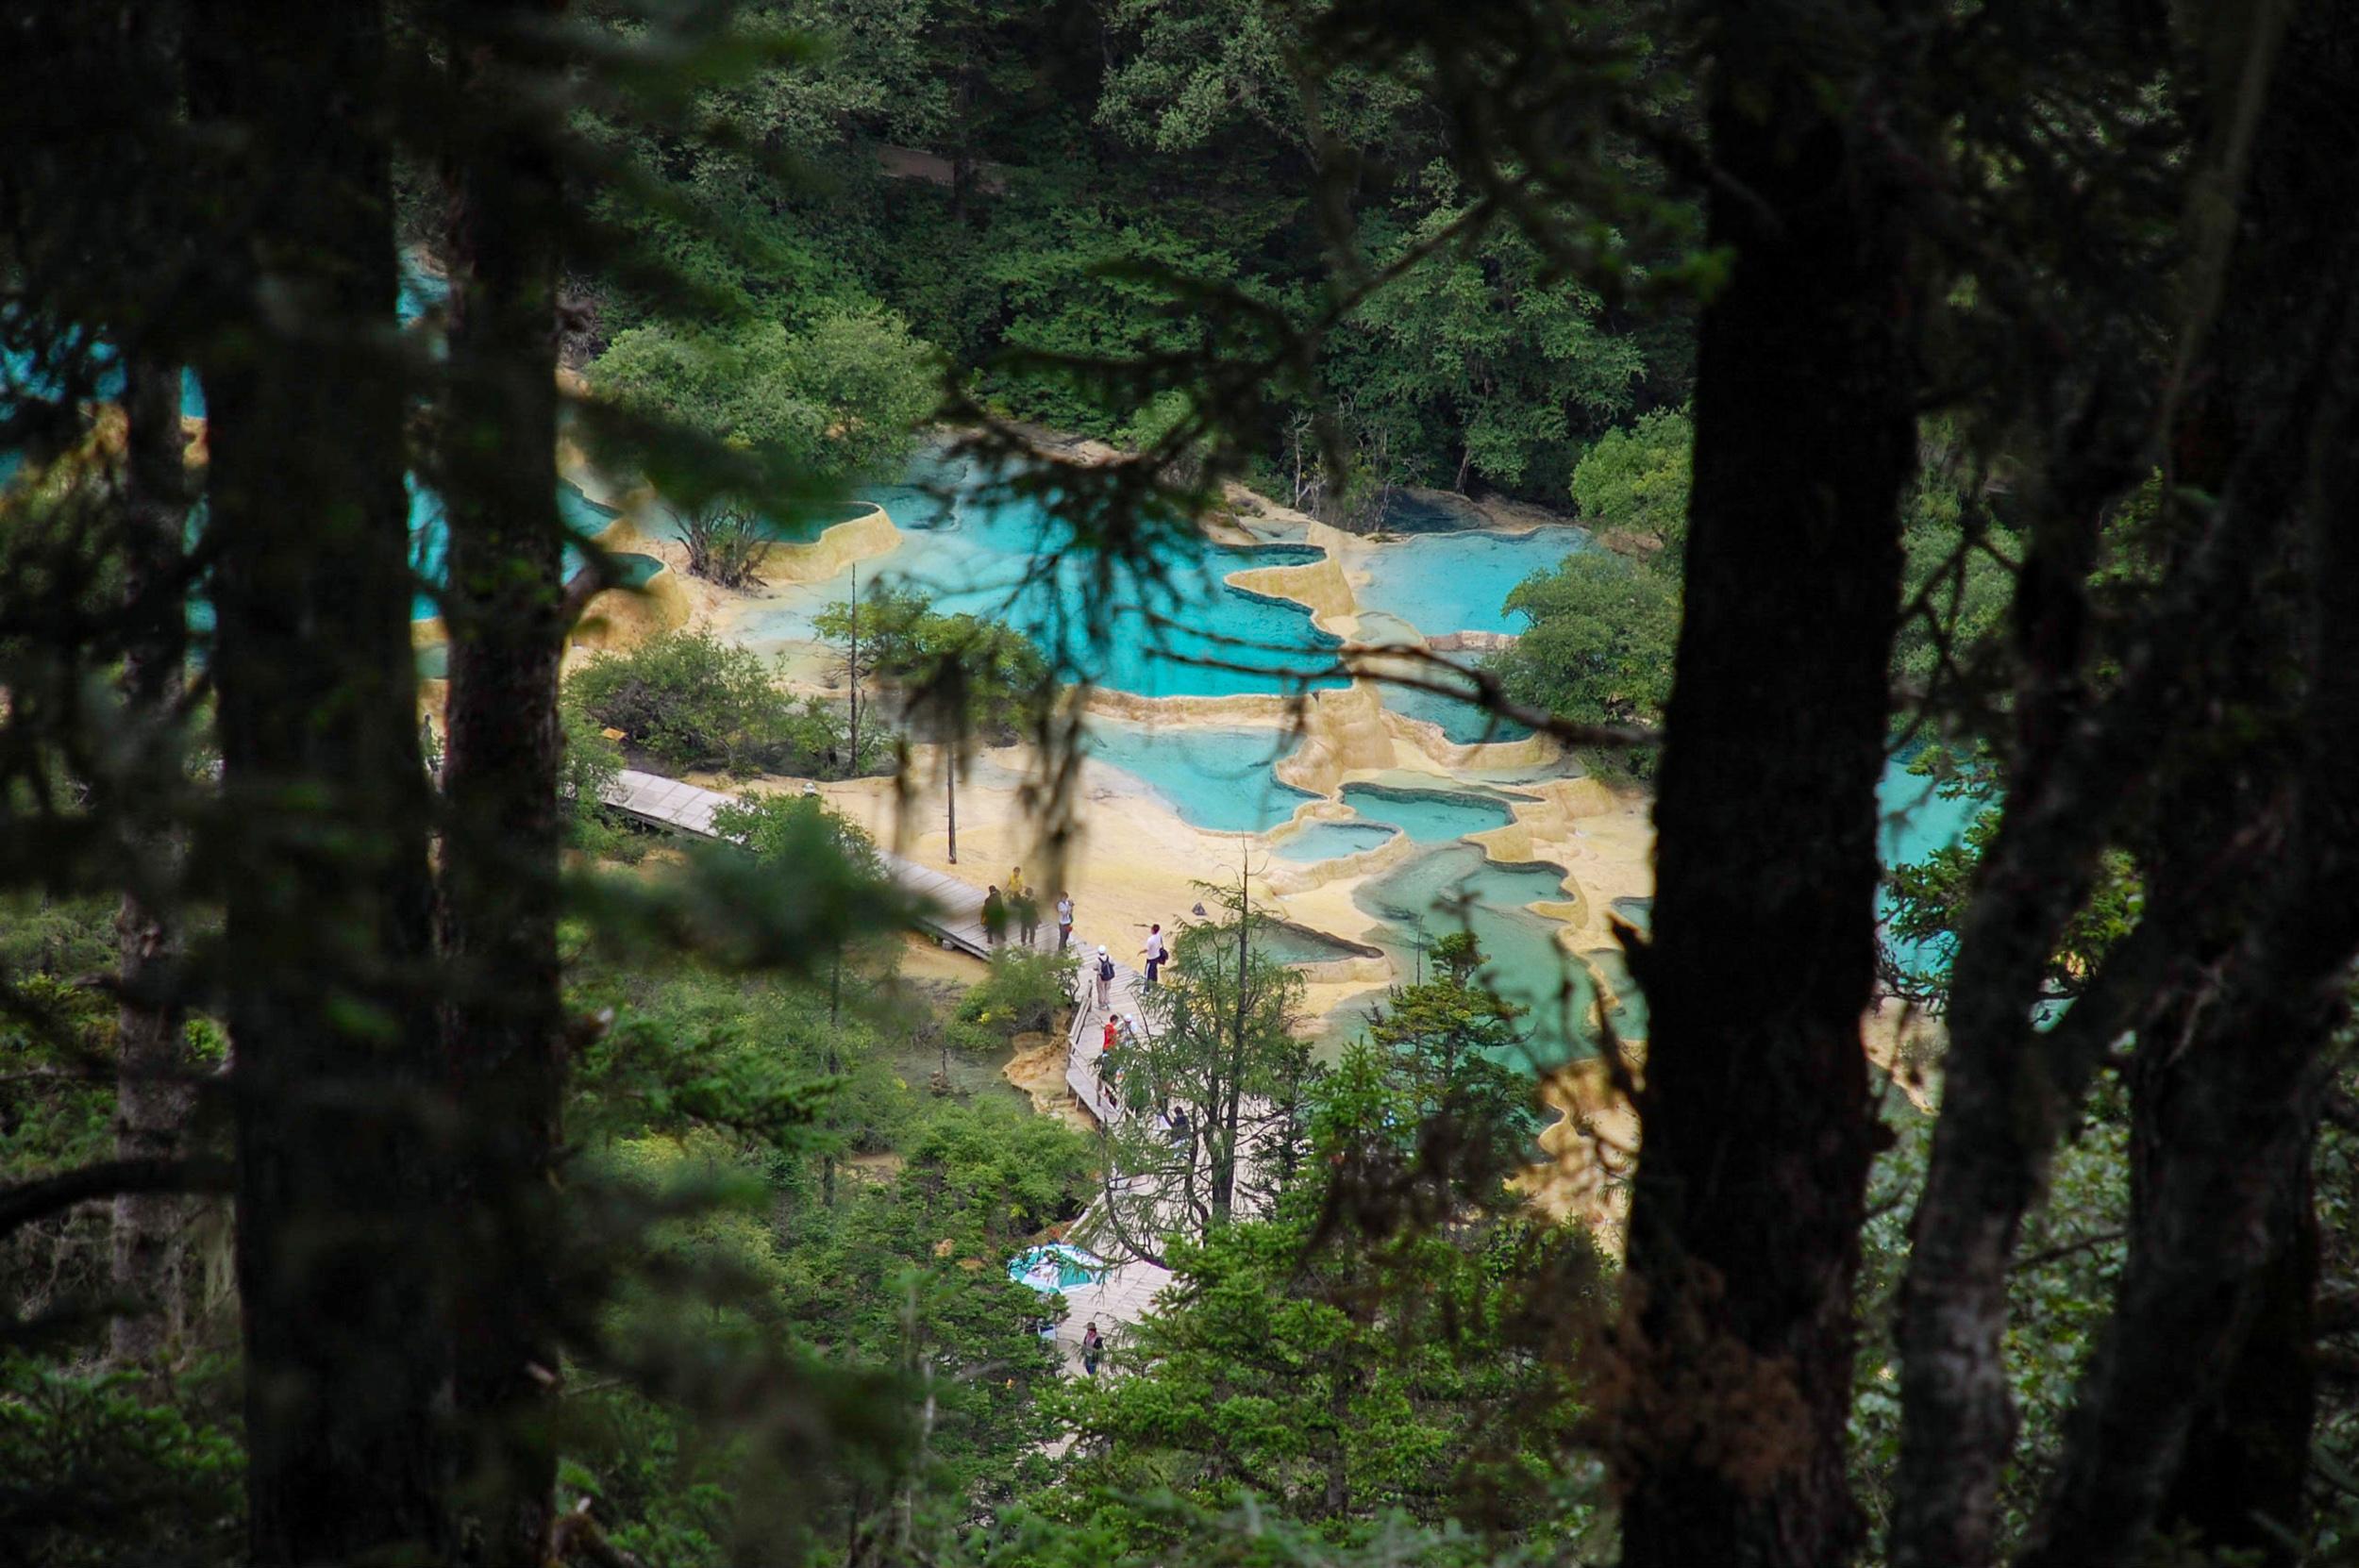 黄龍 カルスト 池